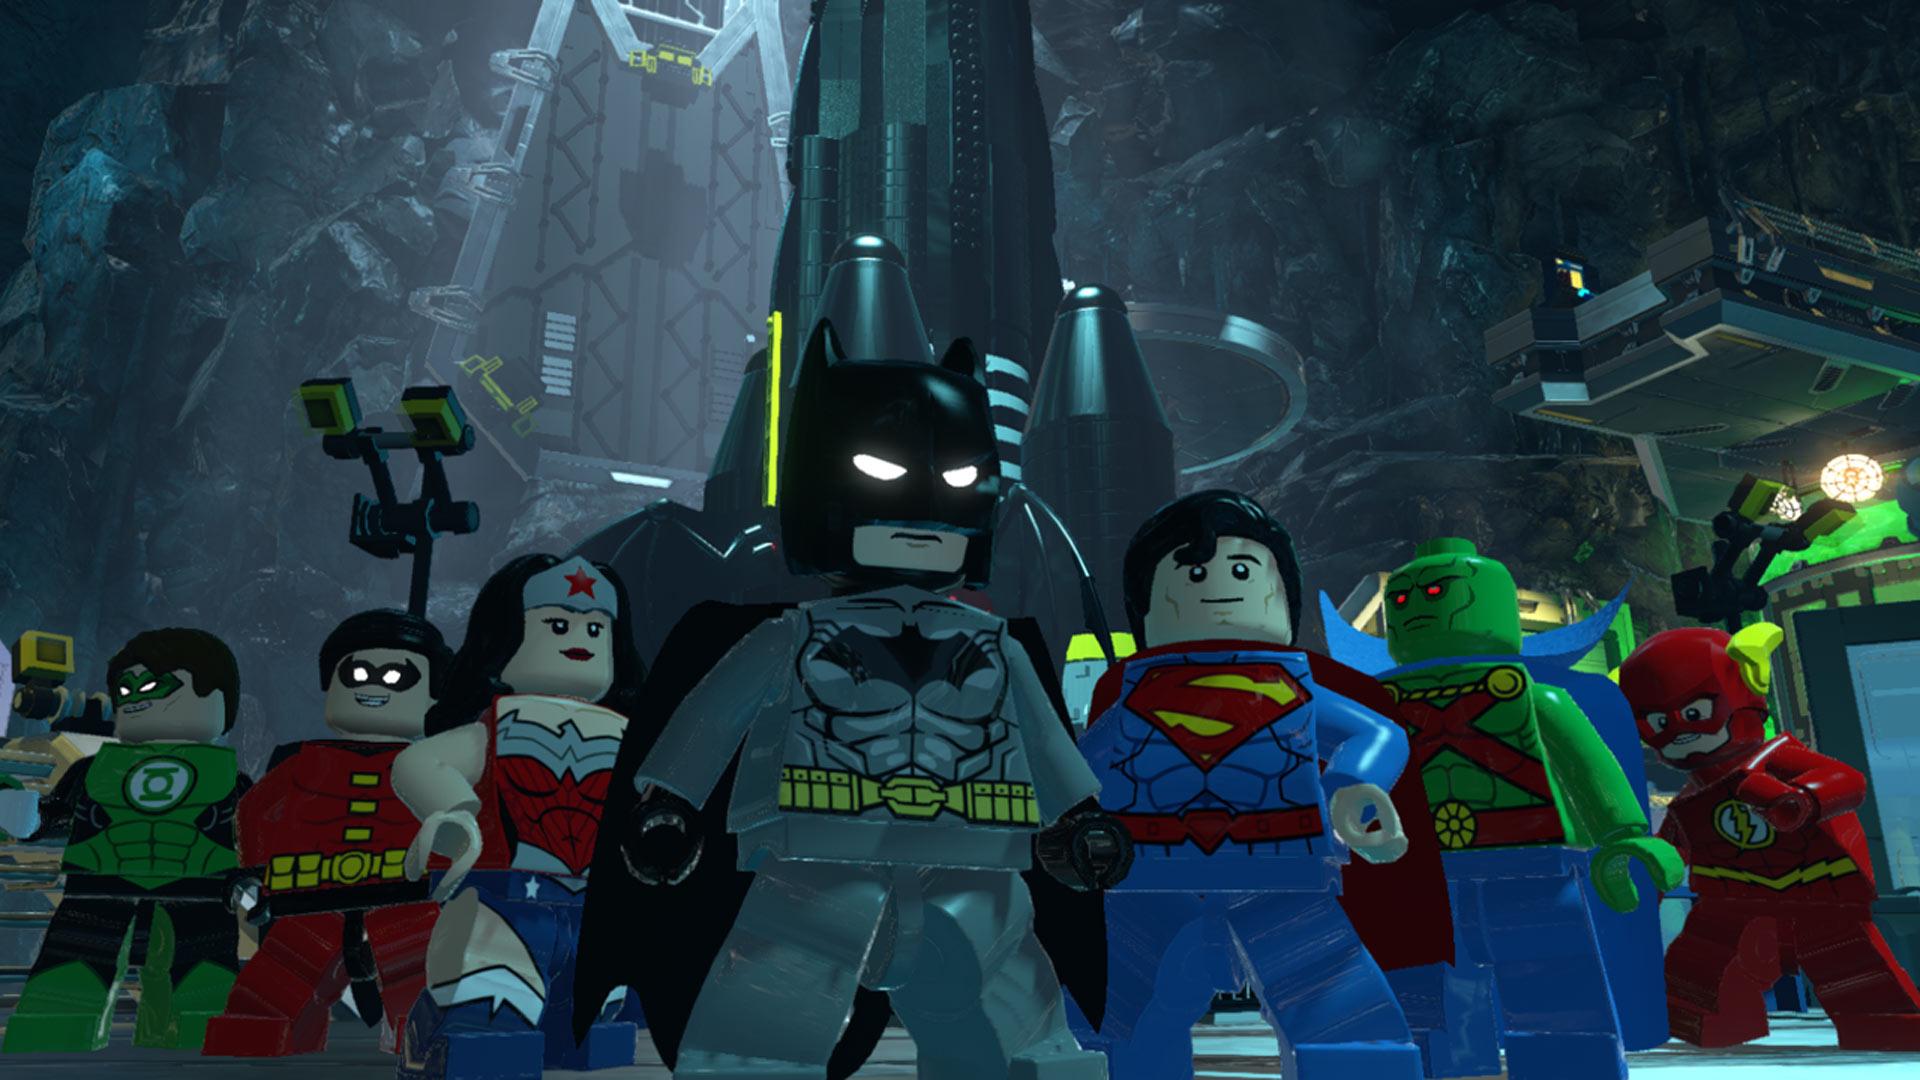 Resultado de imagen para lego batman beyond gotham